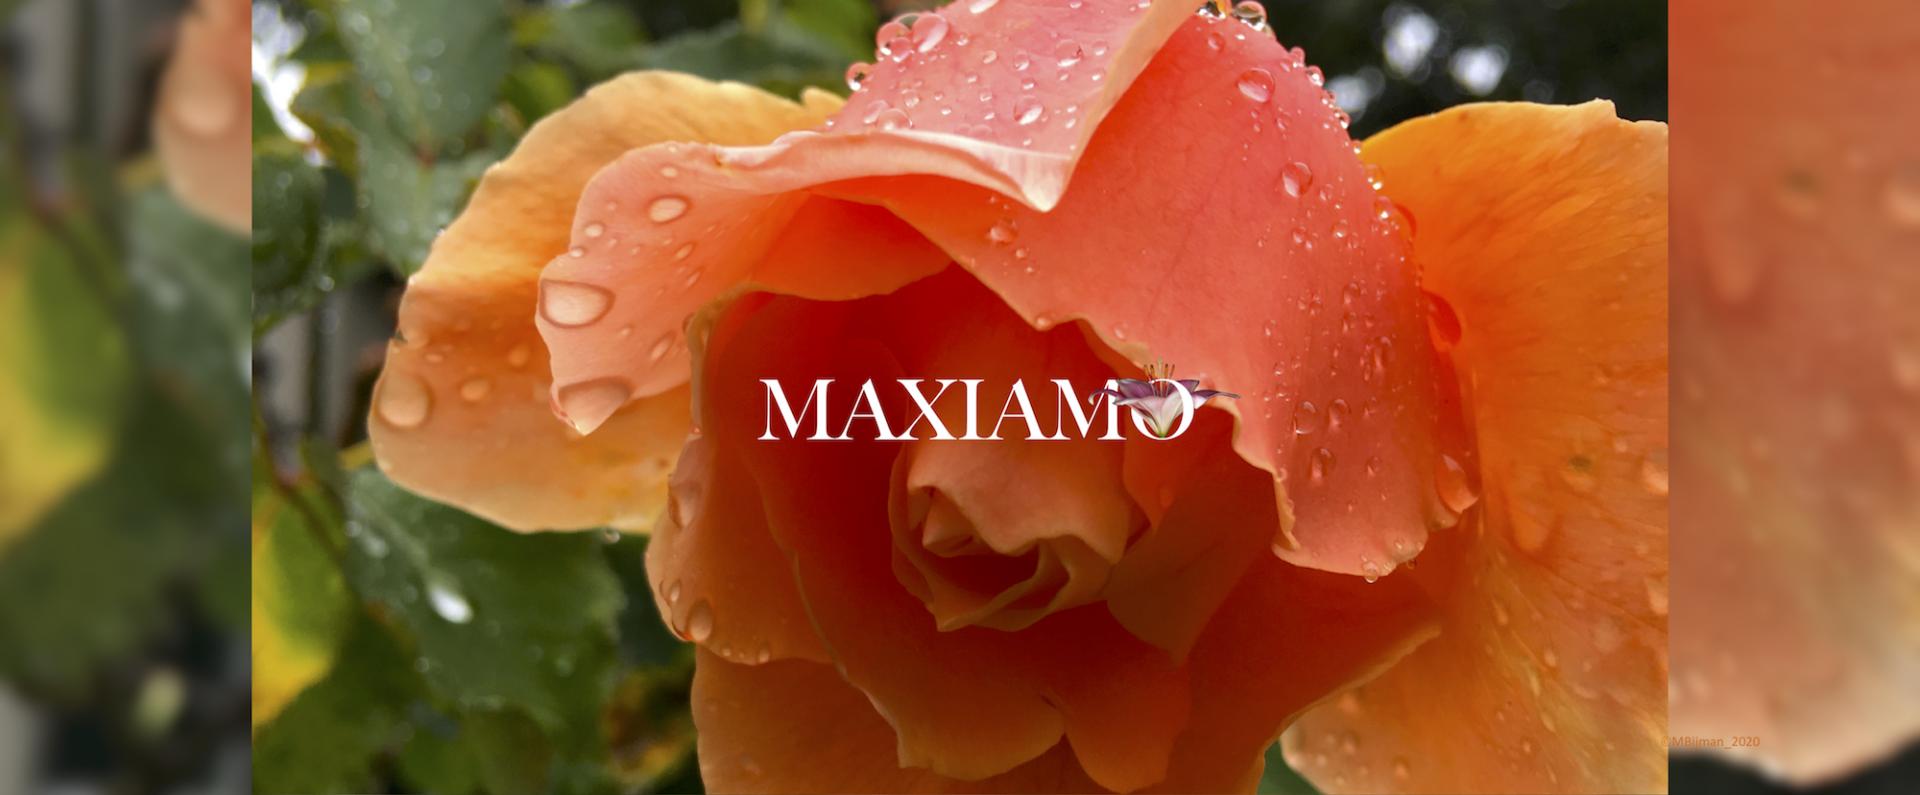 Maxiamo Perfumes